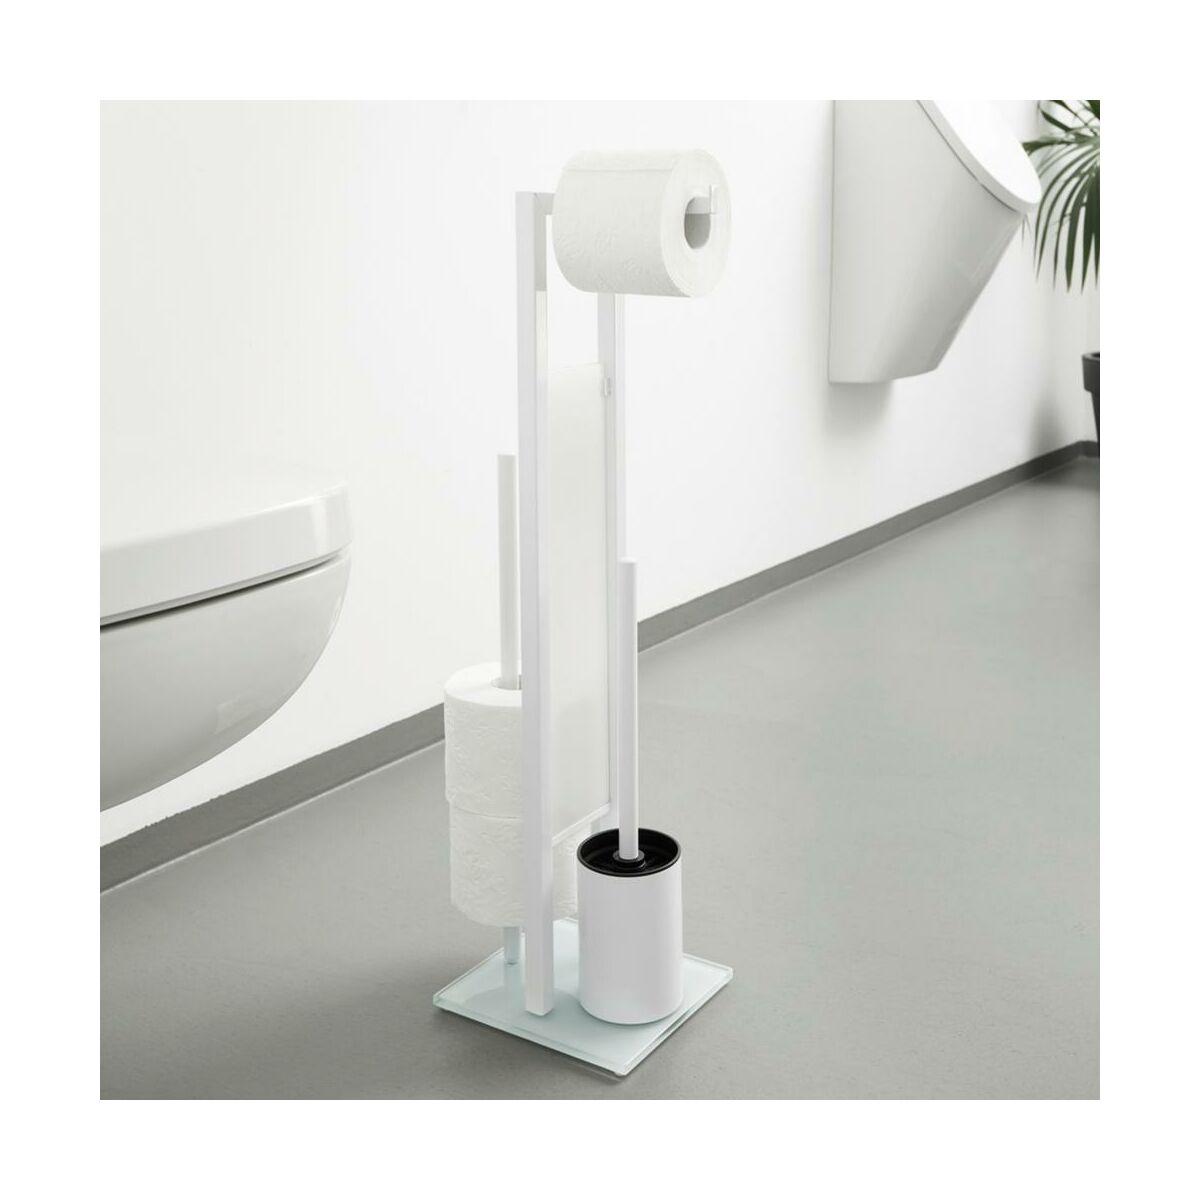 Stojak Na Papier Toaletowy I Szczotke Toaletowa Rivalta Wenko Stojaki Na Papier Toaletowy W Atrakcyjnej Cenie W Sklepach Leroy Merlin